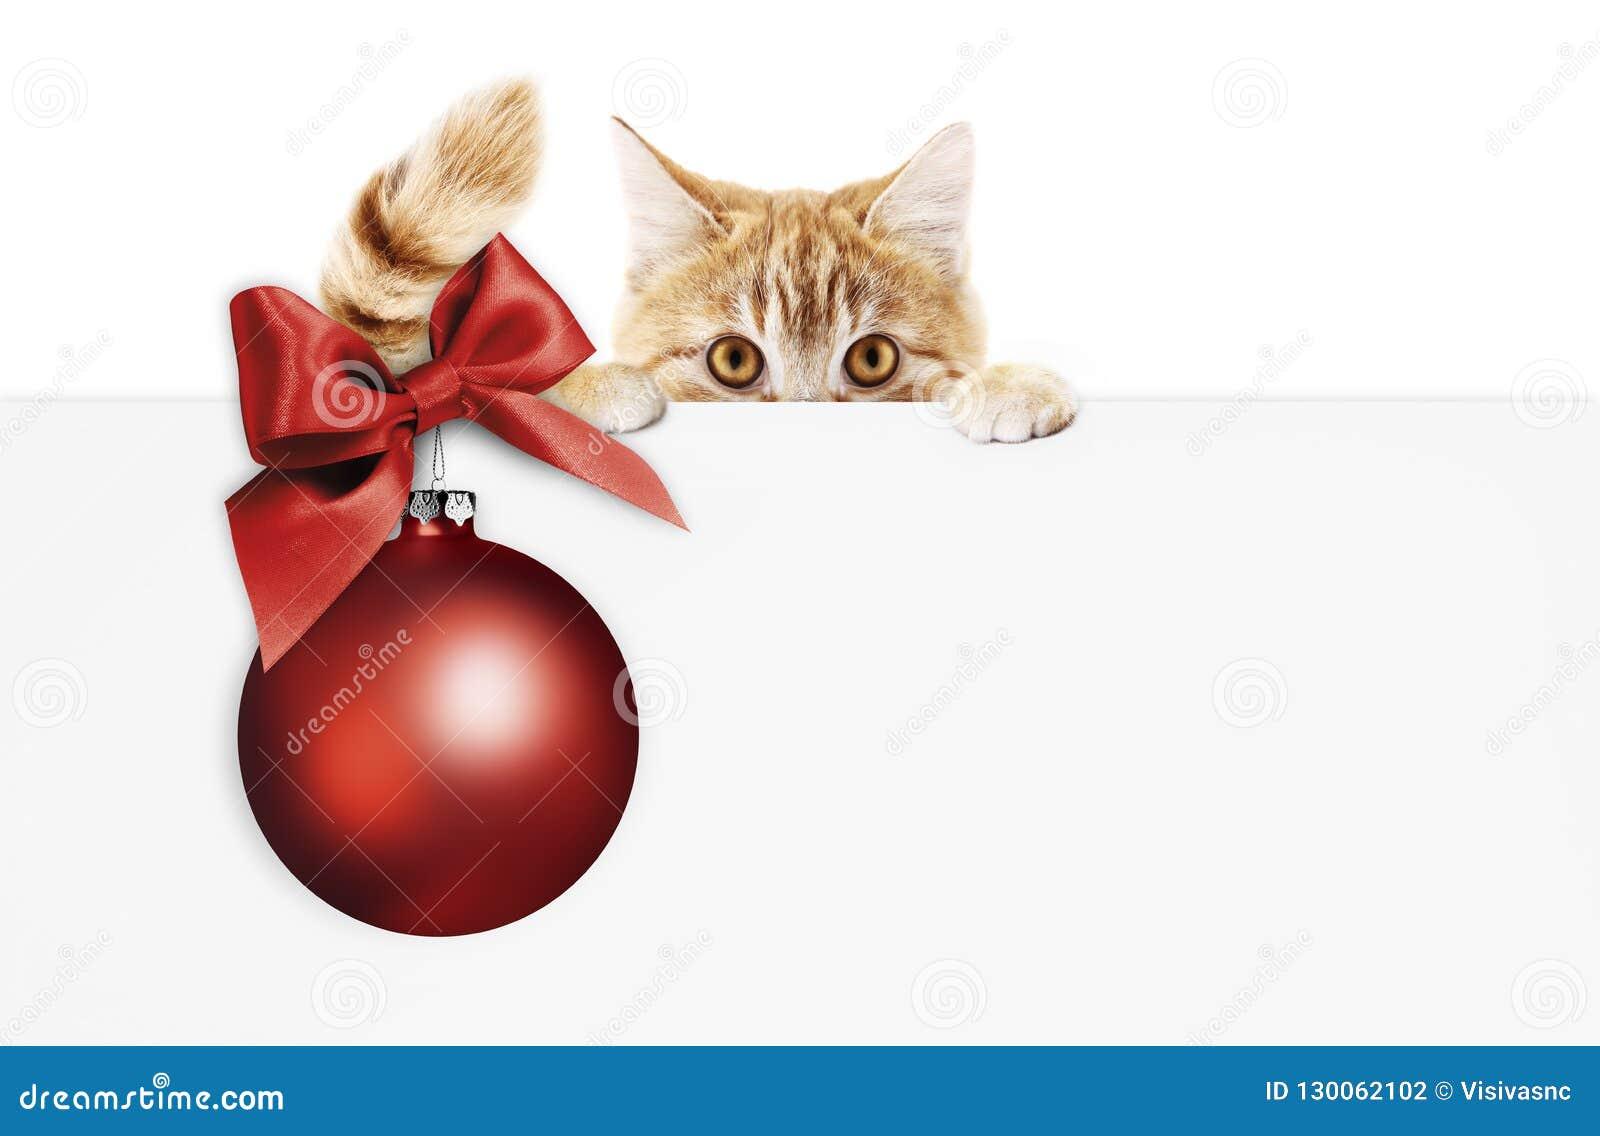 Letrero de la Feliz Navidad o tarjeta de regalo para el clini de la tienda de animales o del veterinario